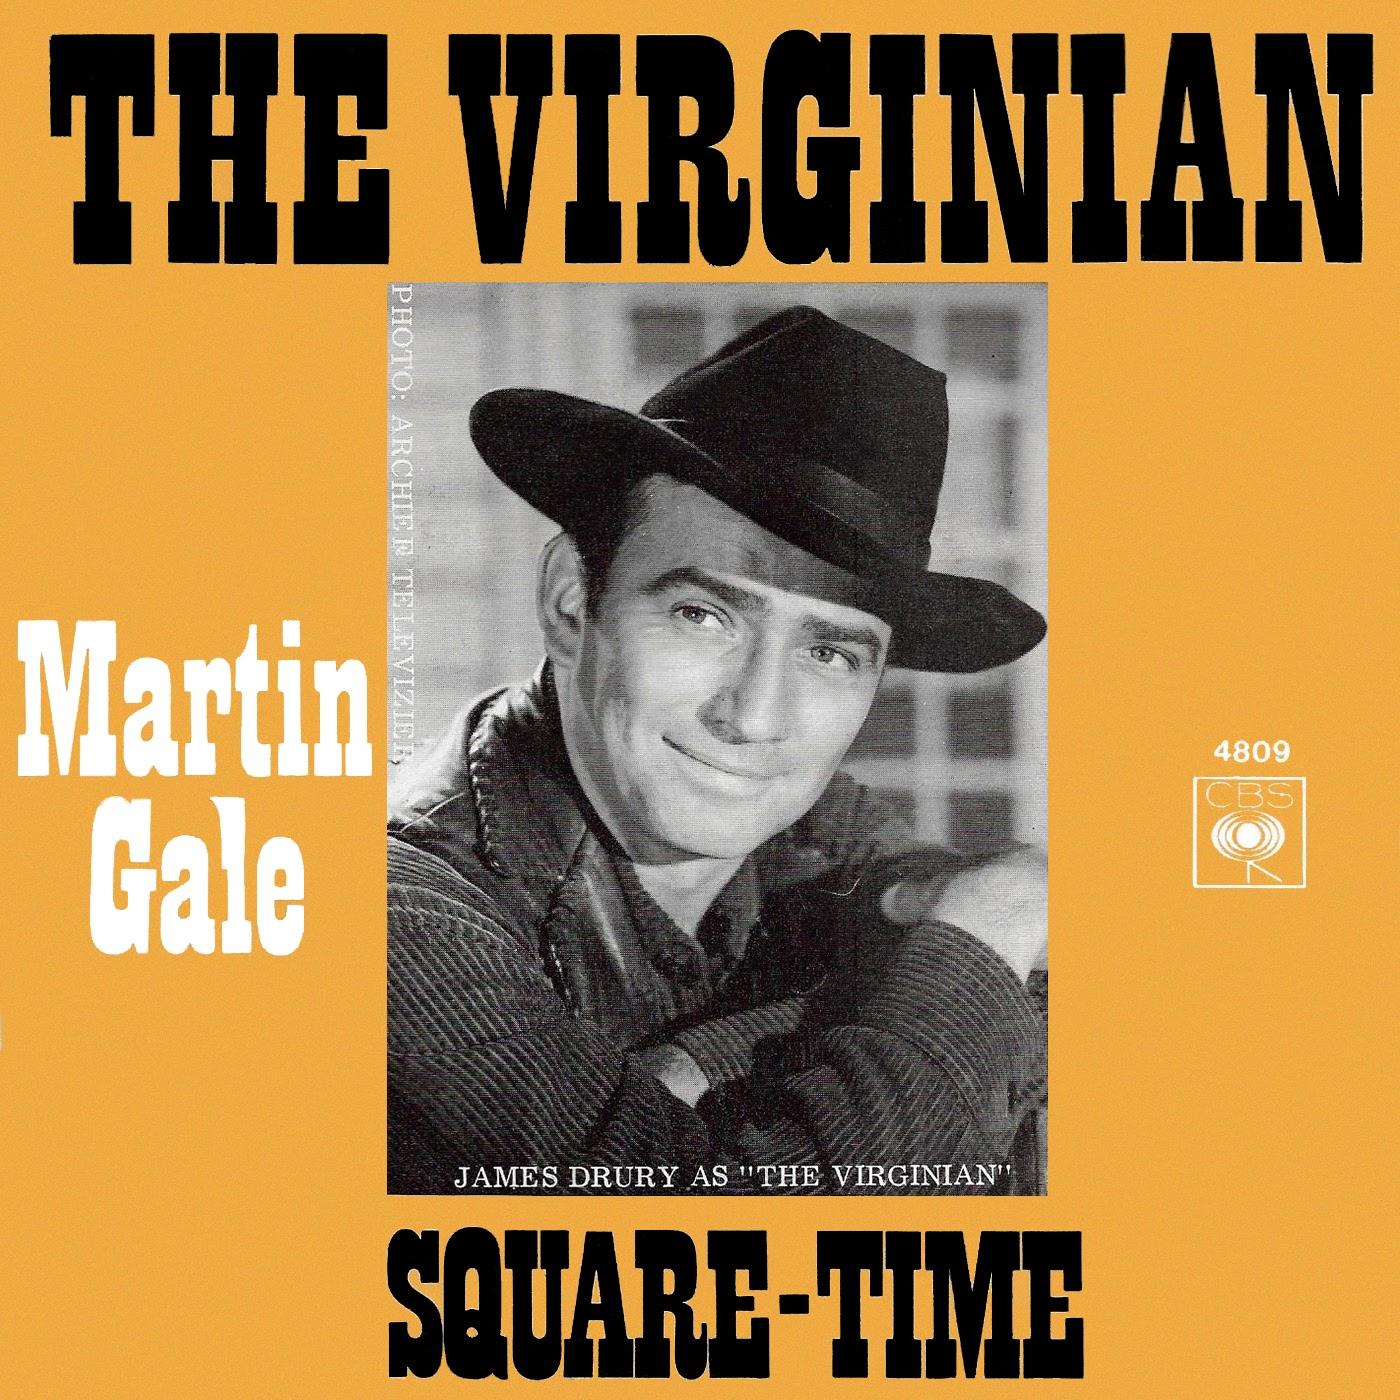 Martin Gale